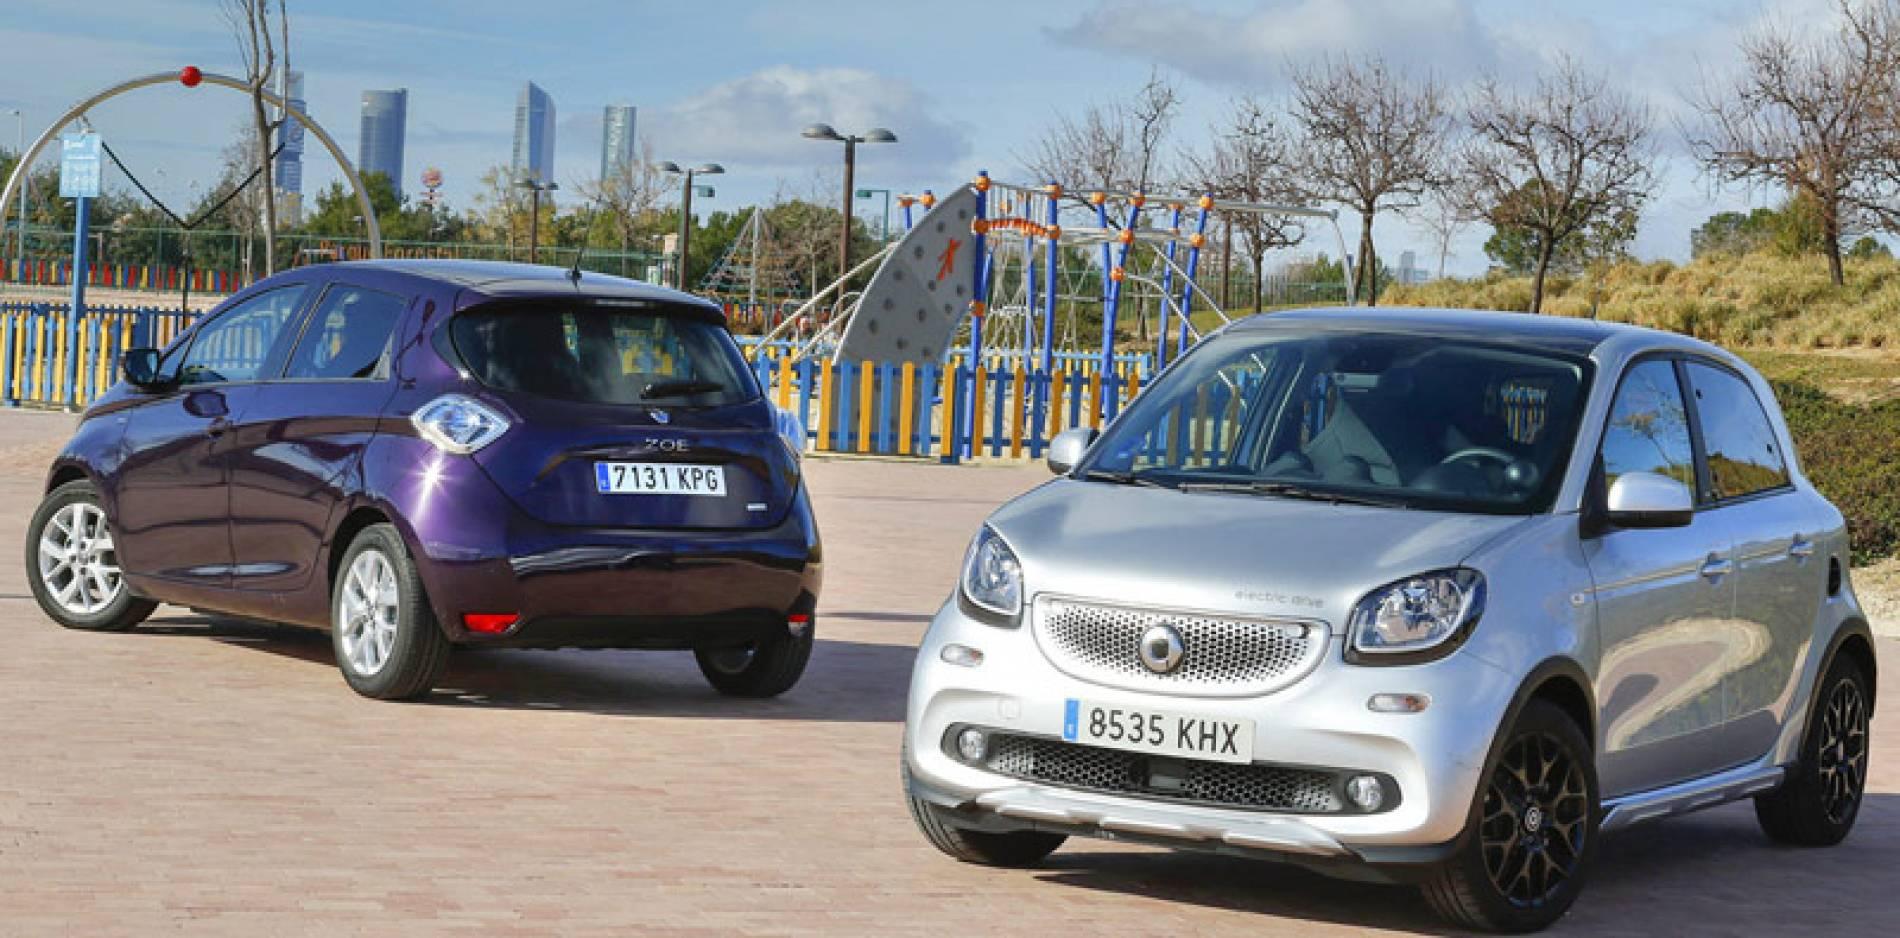 Comparativa eléctrica, Renault ZOE vs smart fourfour